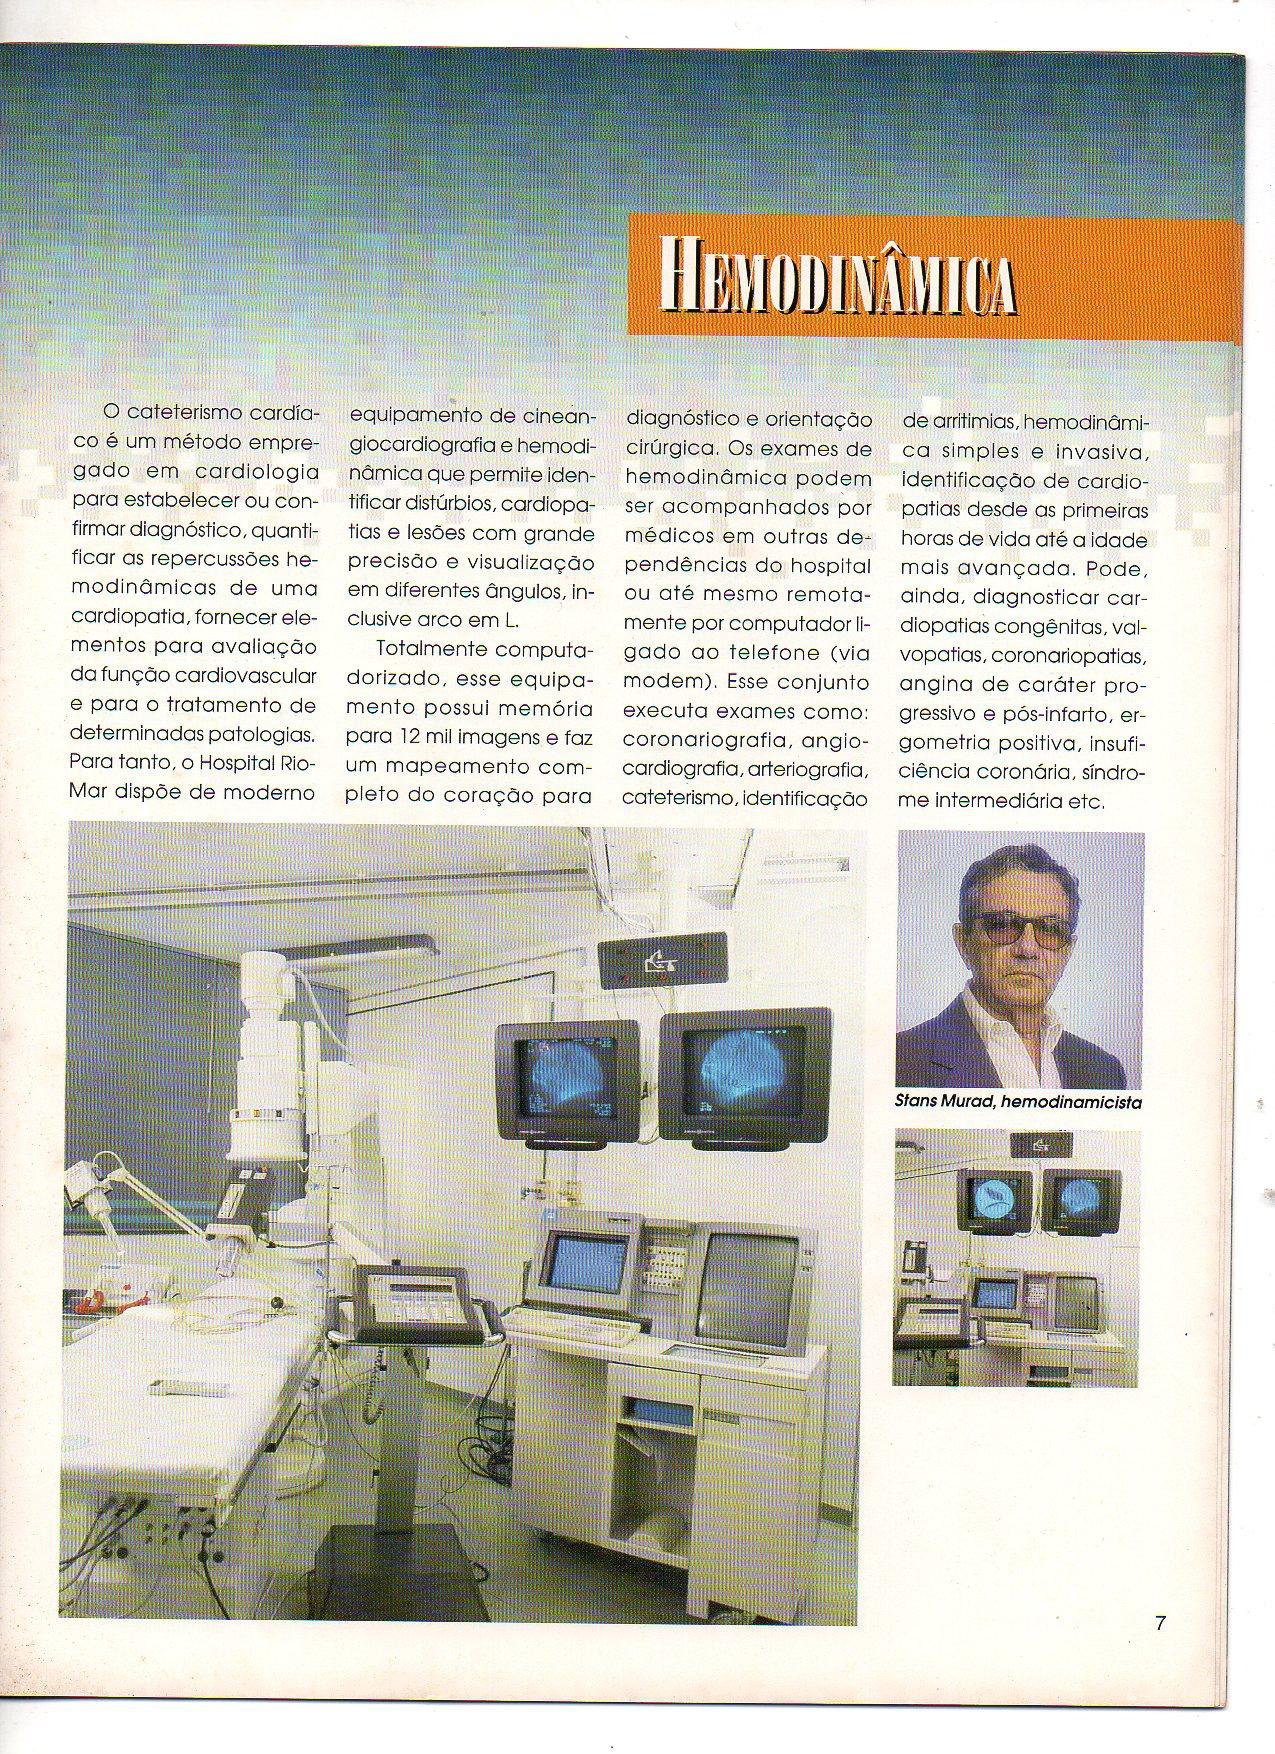 Fundador e ex-chefe do serviço de cardiologia do hospital Rio-Mar